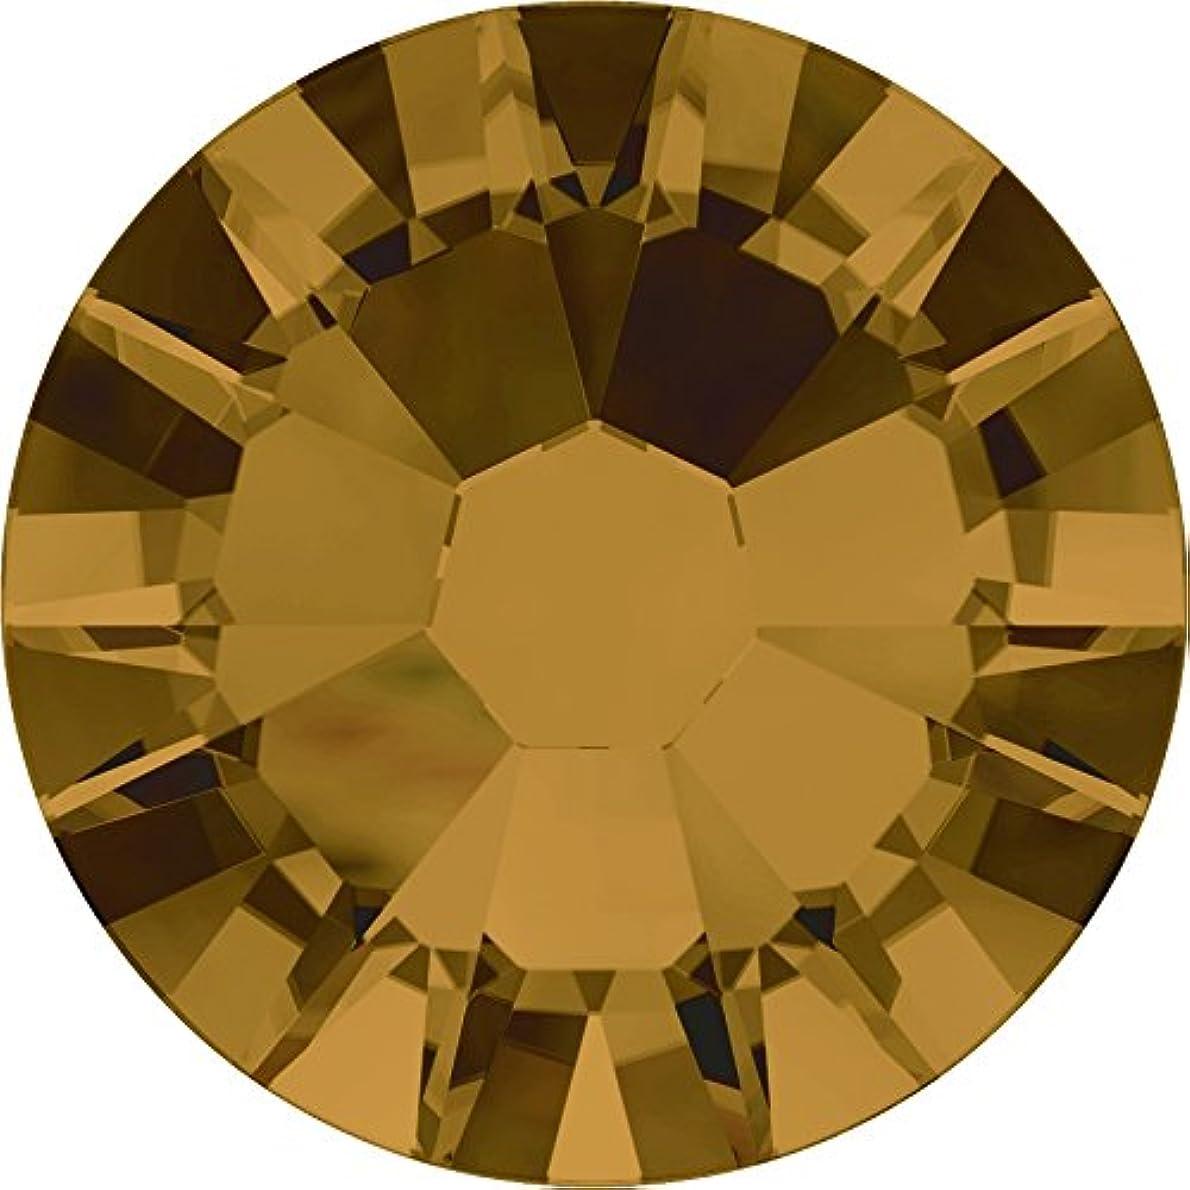 シーボードベイビー天気ネイルアートパーツ SS 5 トハ゜ース゛ 1440P